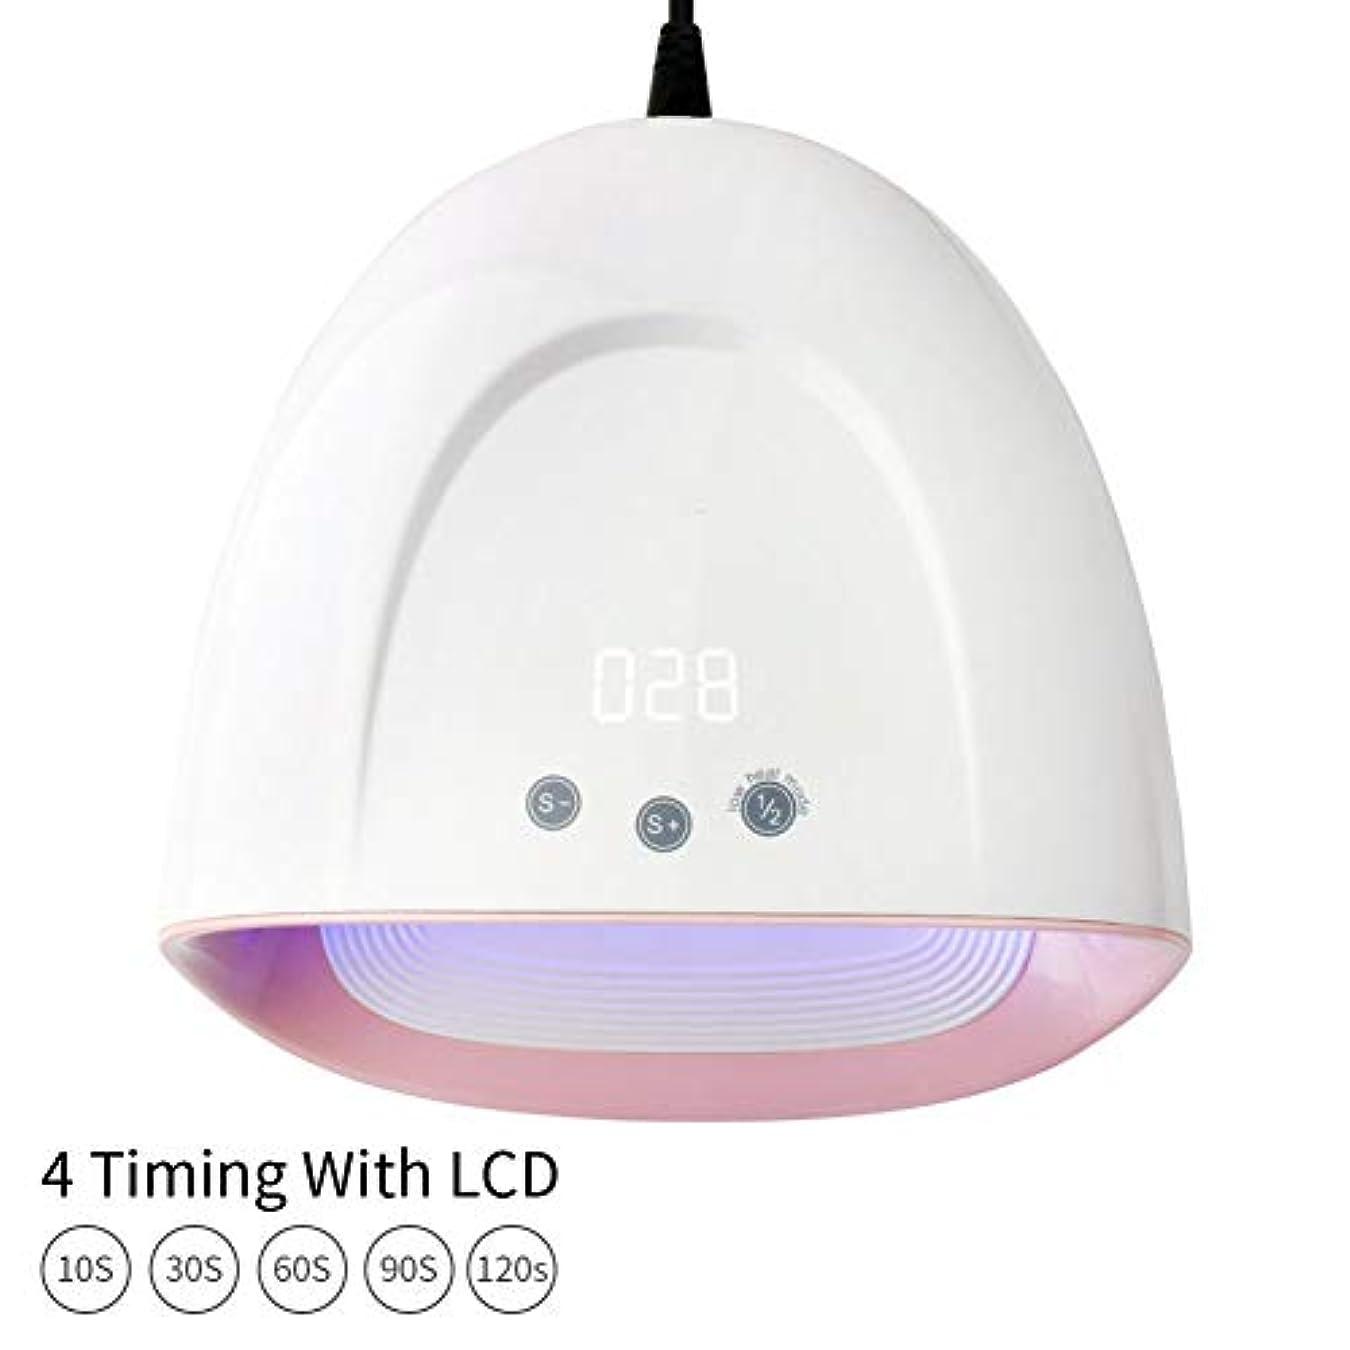 製作論争喜びネイルドライヤー - LED光線療法ネイルマシン60Wマルチタイムタイミング33ランプビーズ4スピードタイミング接着剤隠しデジタルスクリーン